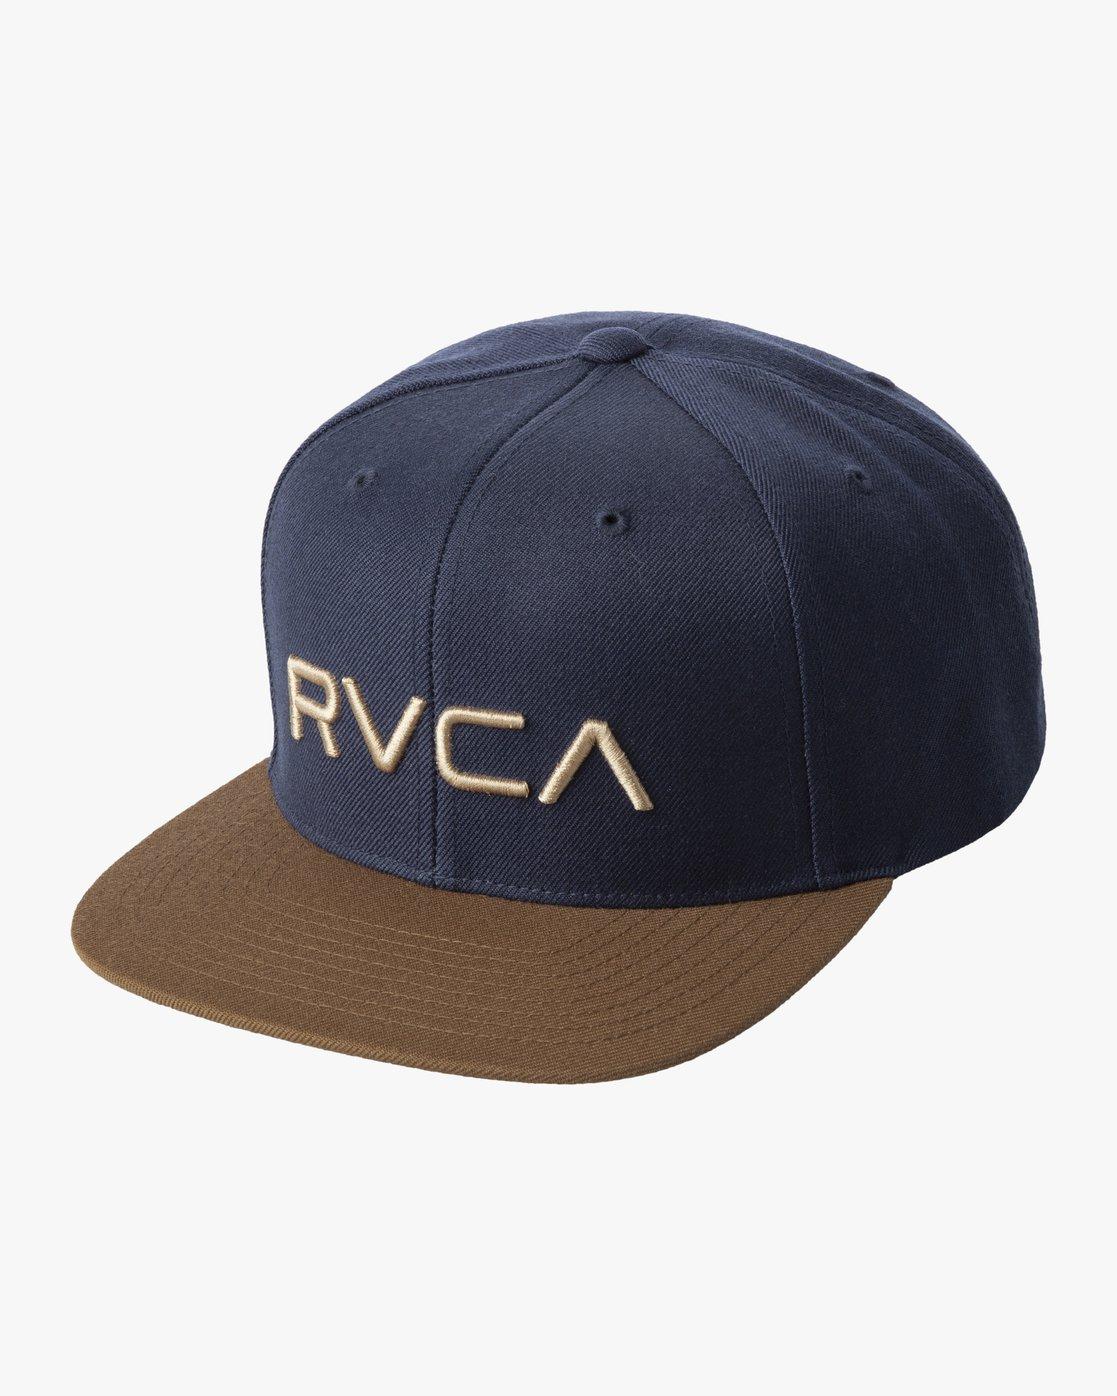 2 RVCA TWILL II SNAPBACK HAT Black MAAHWRSB RVCA